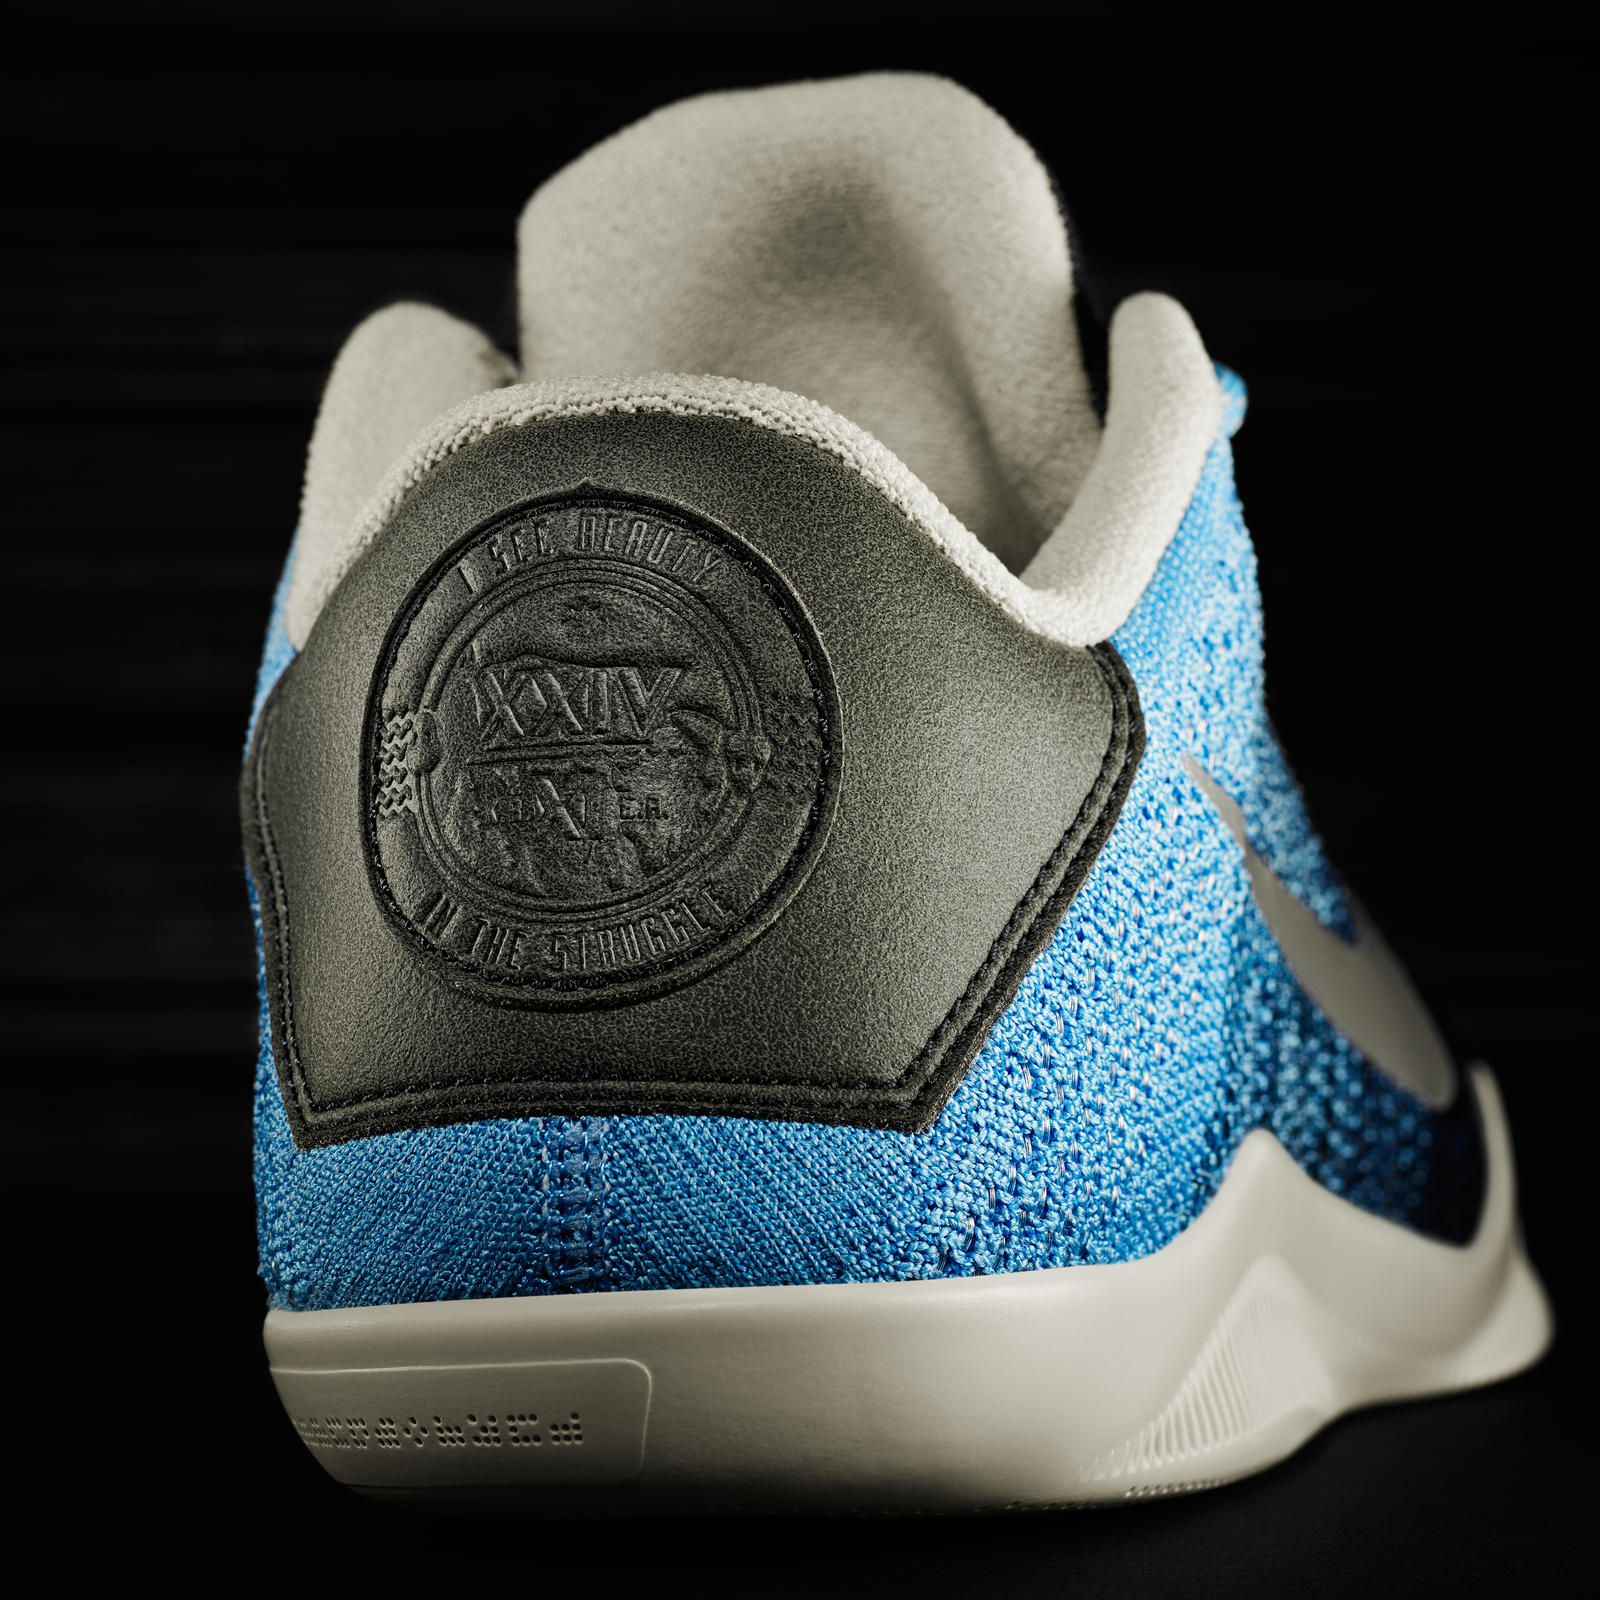 16-130_Nike_Kobe_822675-404_Detail_A-02